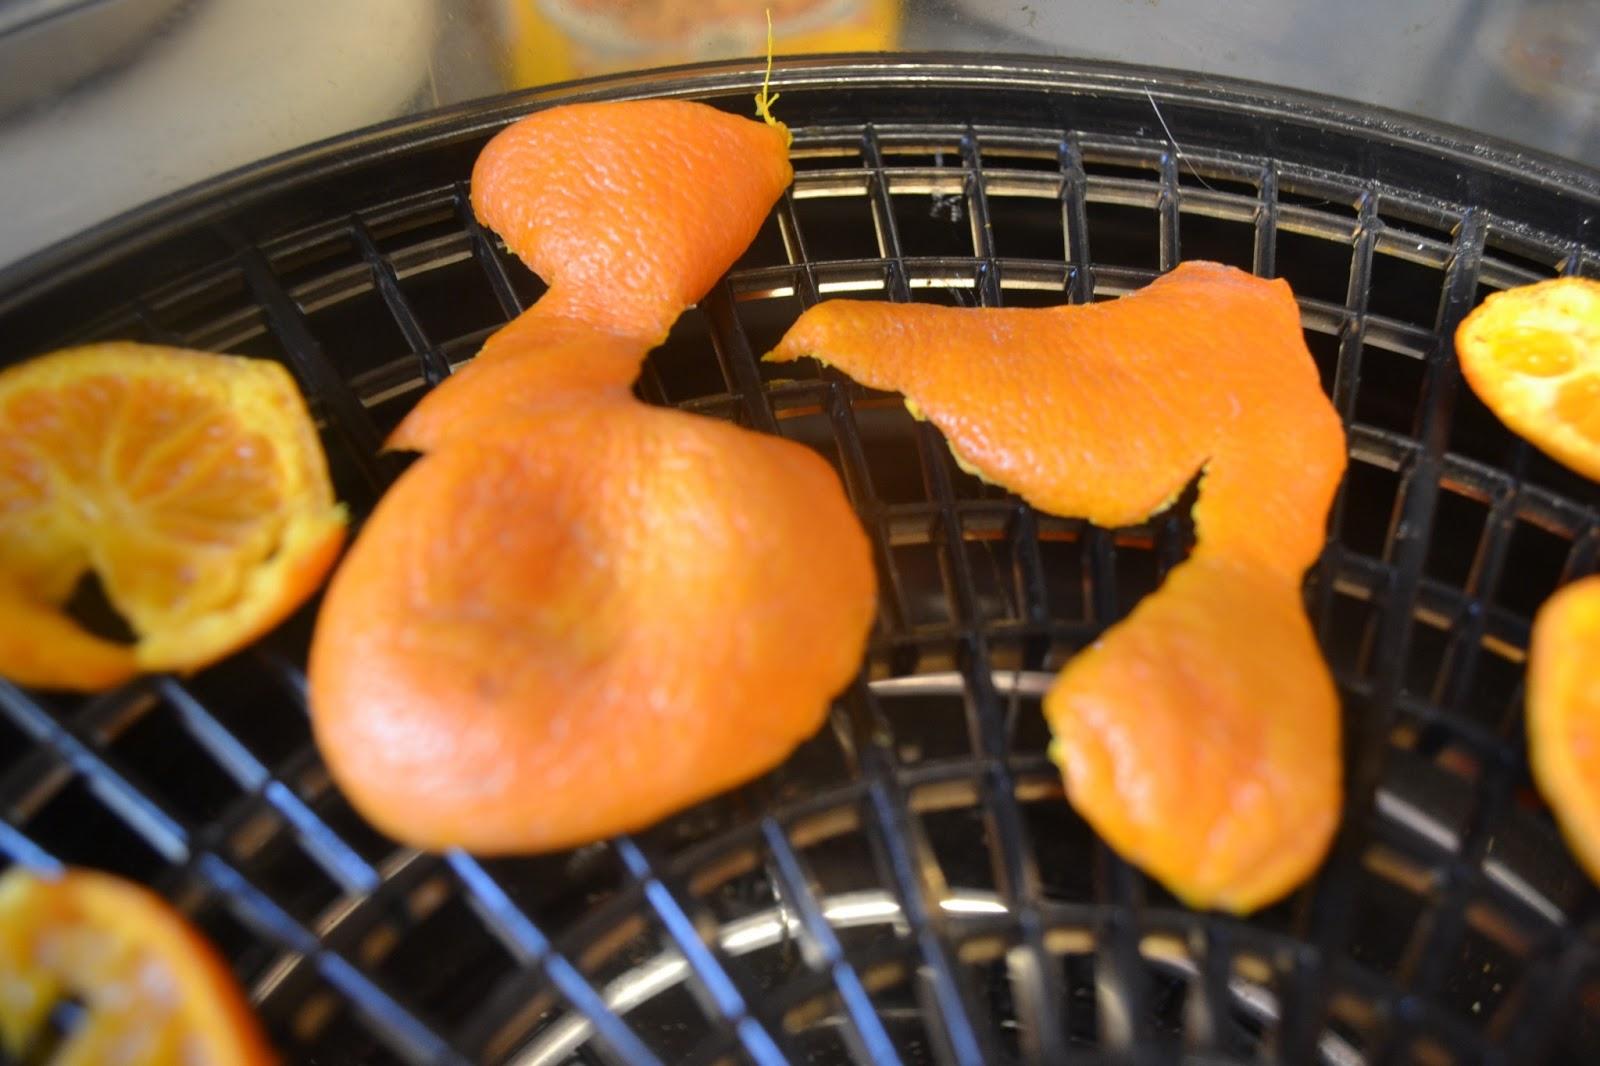 Kết quả hình ảnh cho dehydrator peel orange